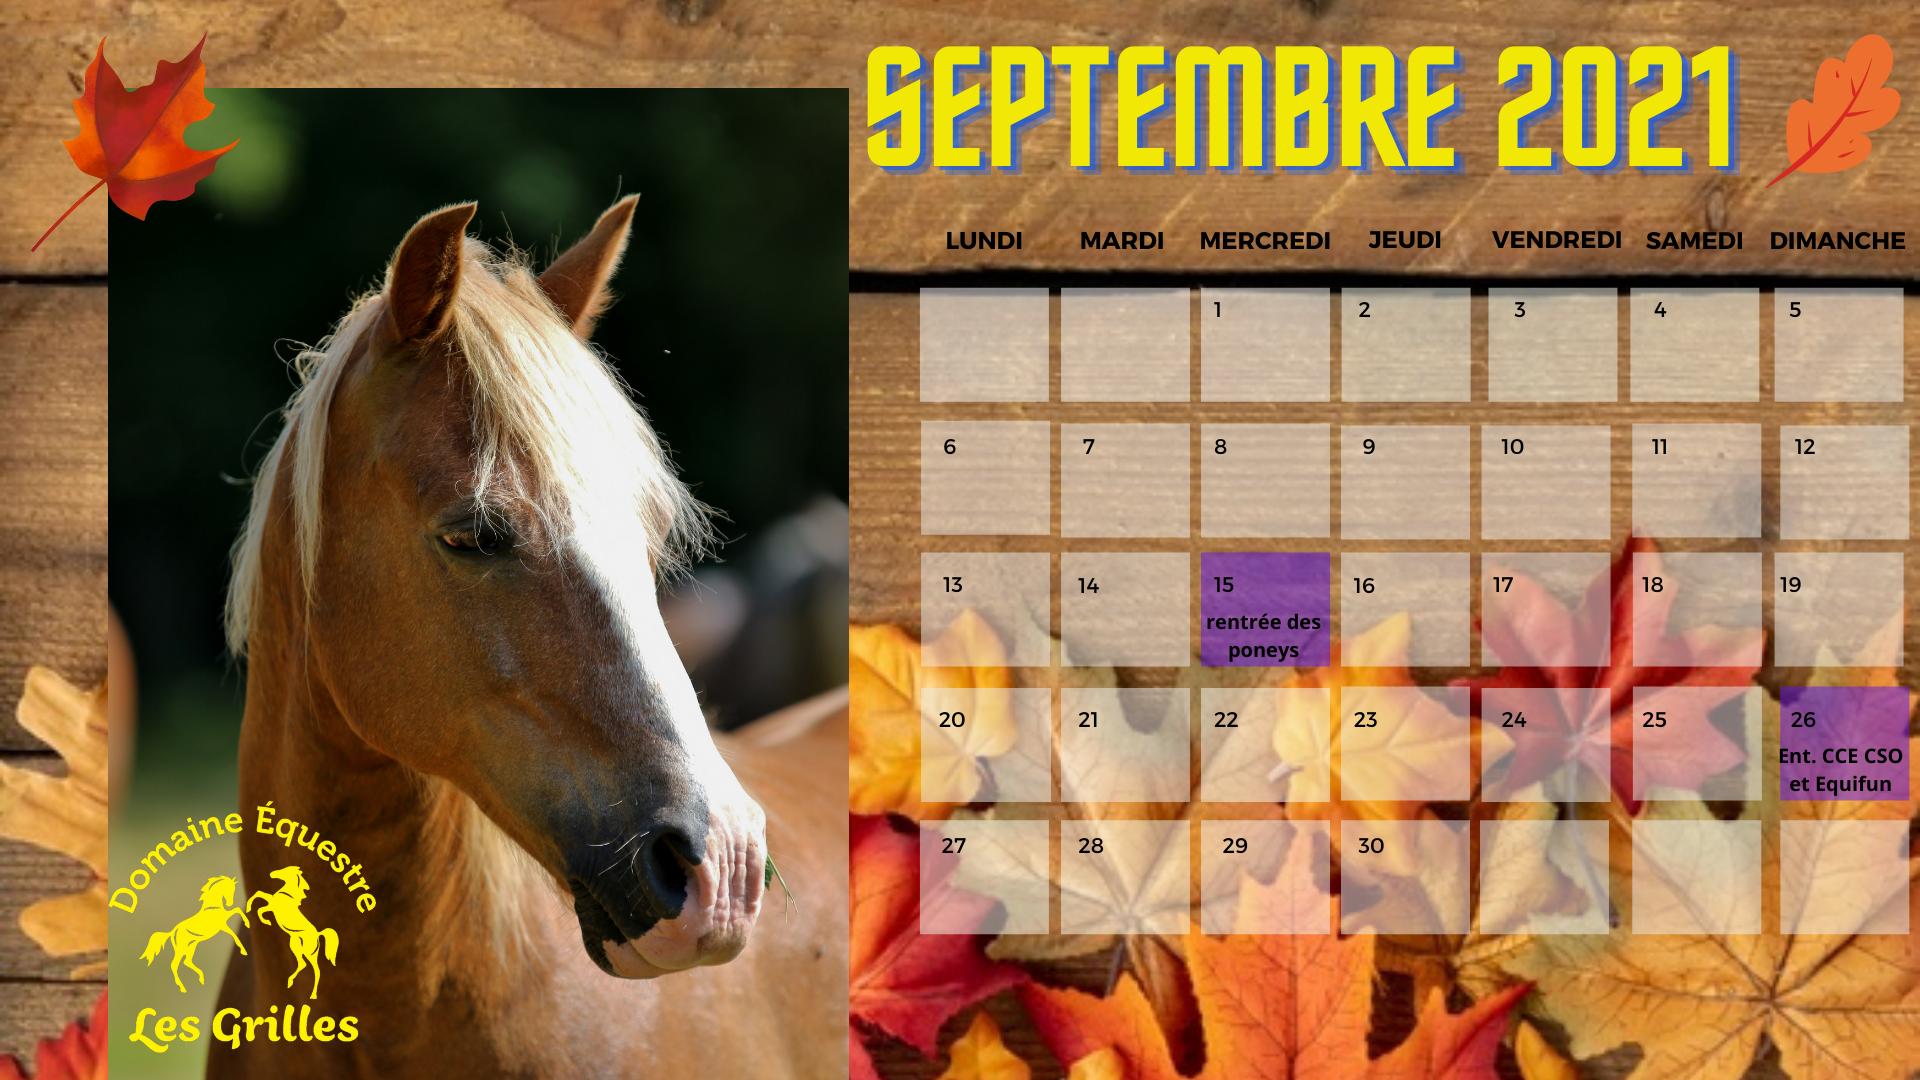 En septembre, vivons la rentrée ENSEMBLE !